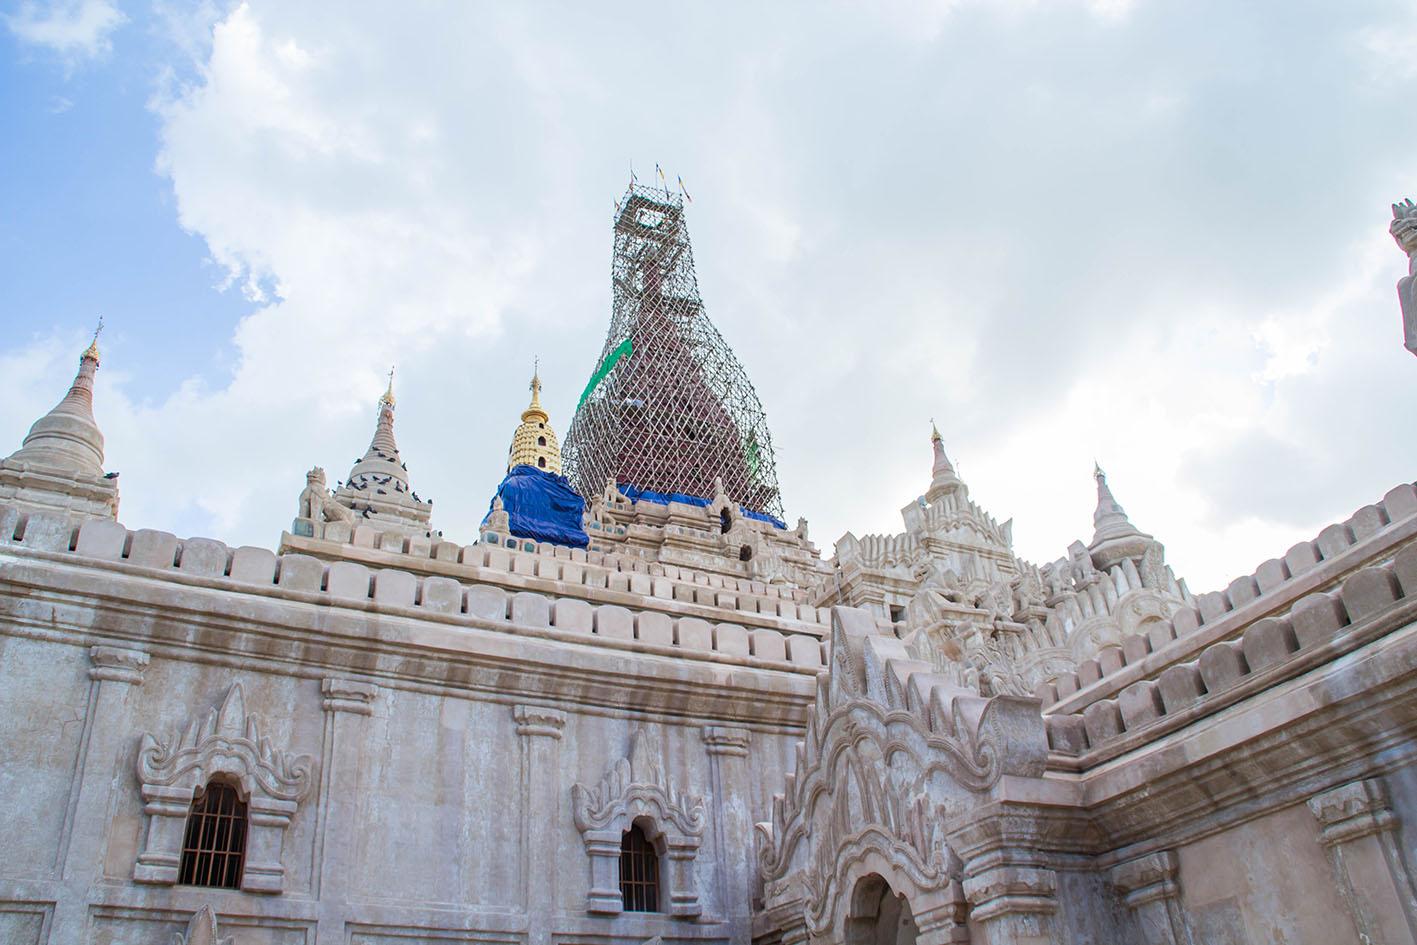 baganpagoda-21